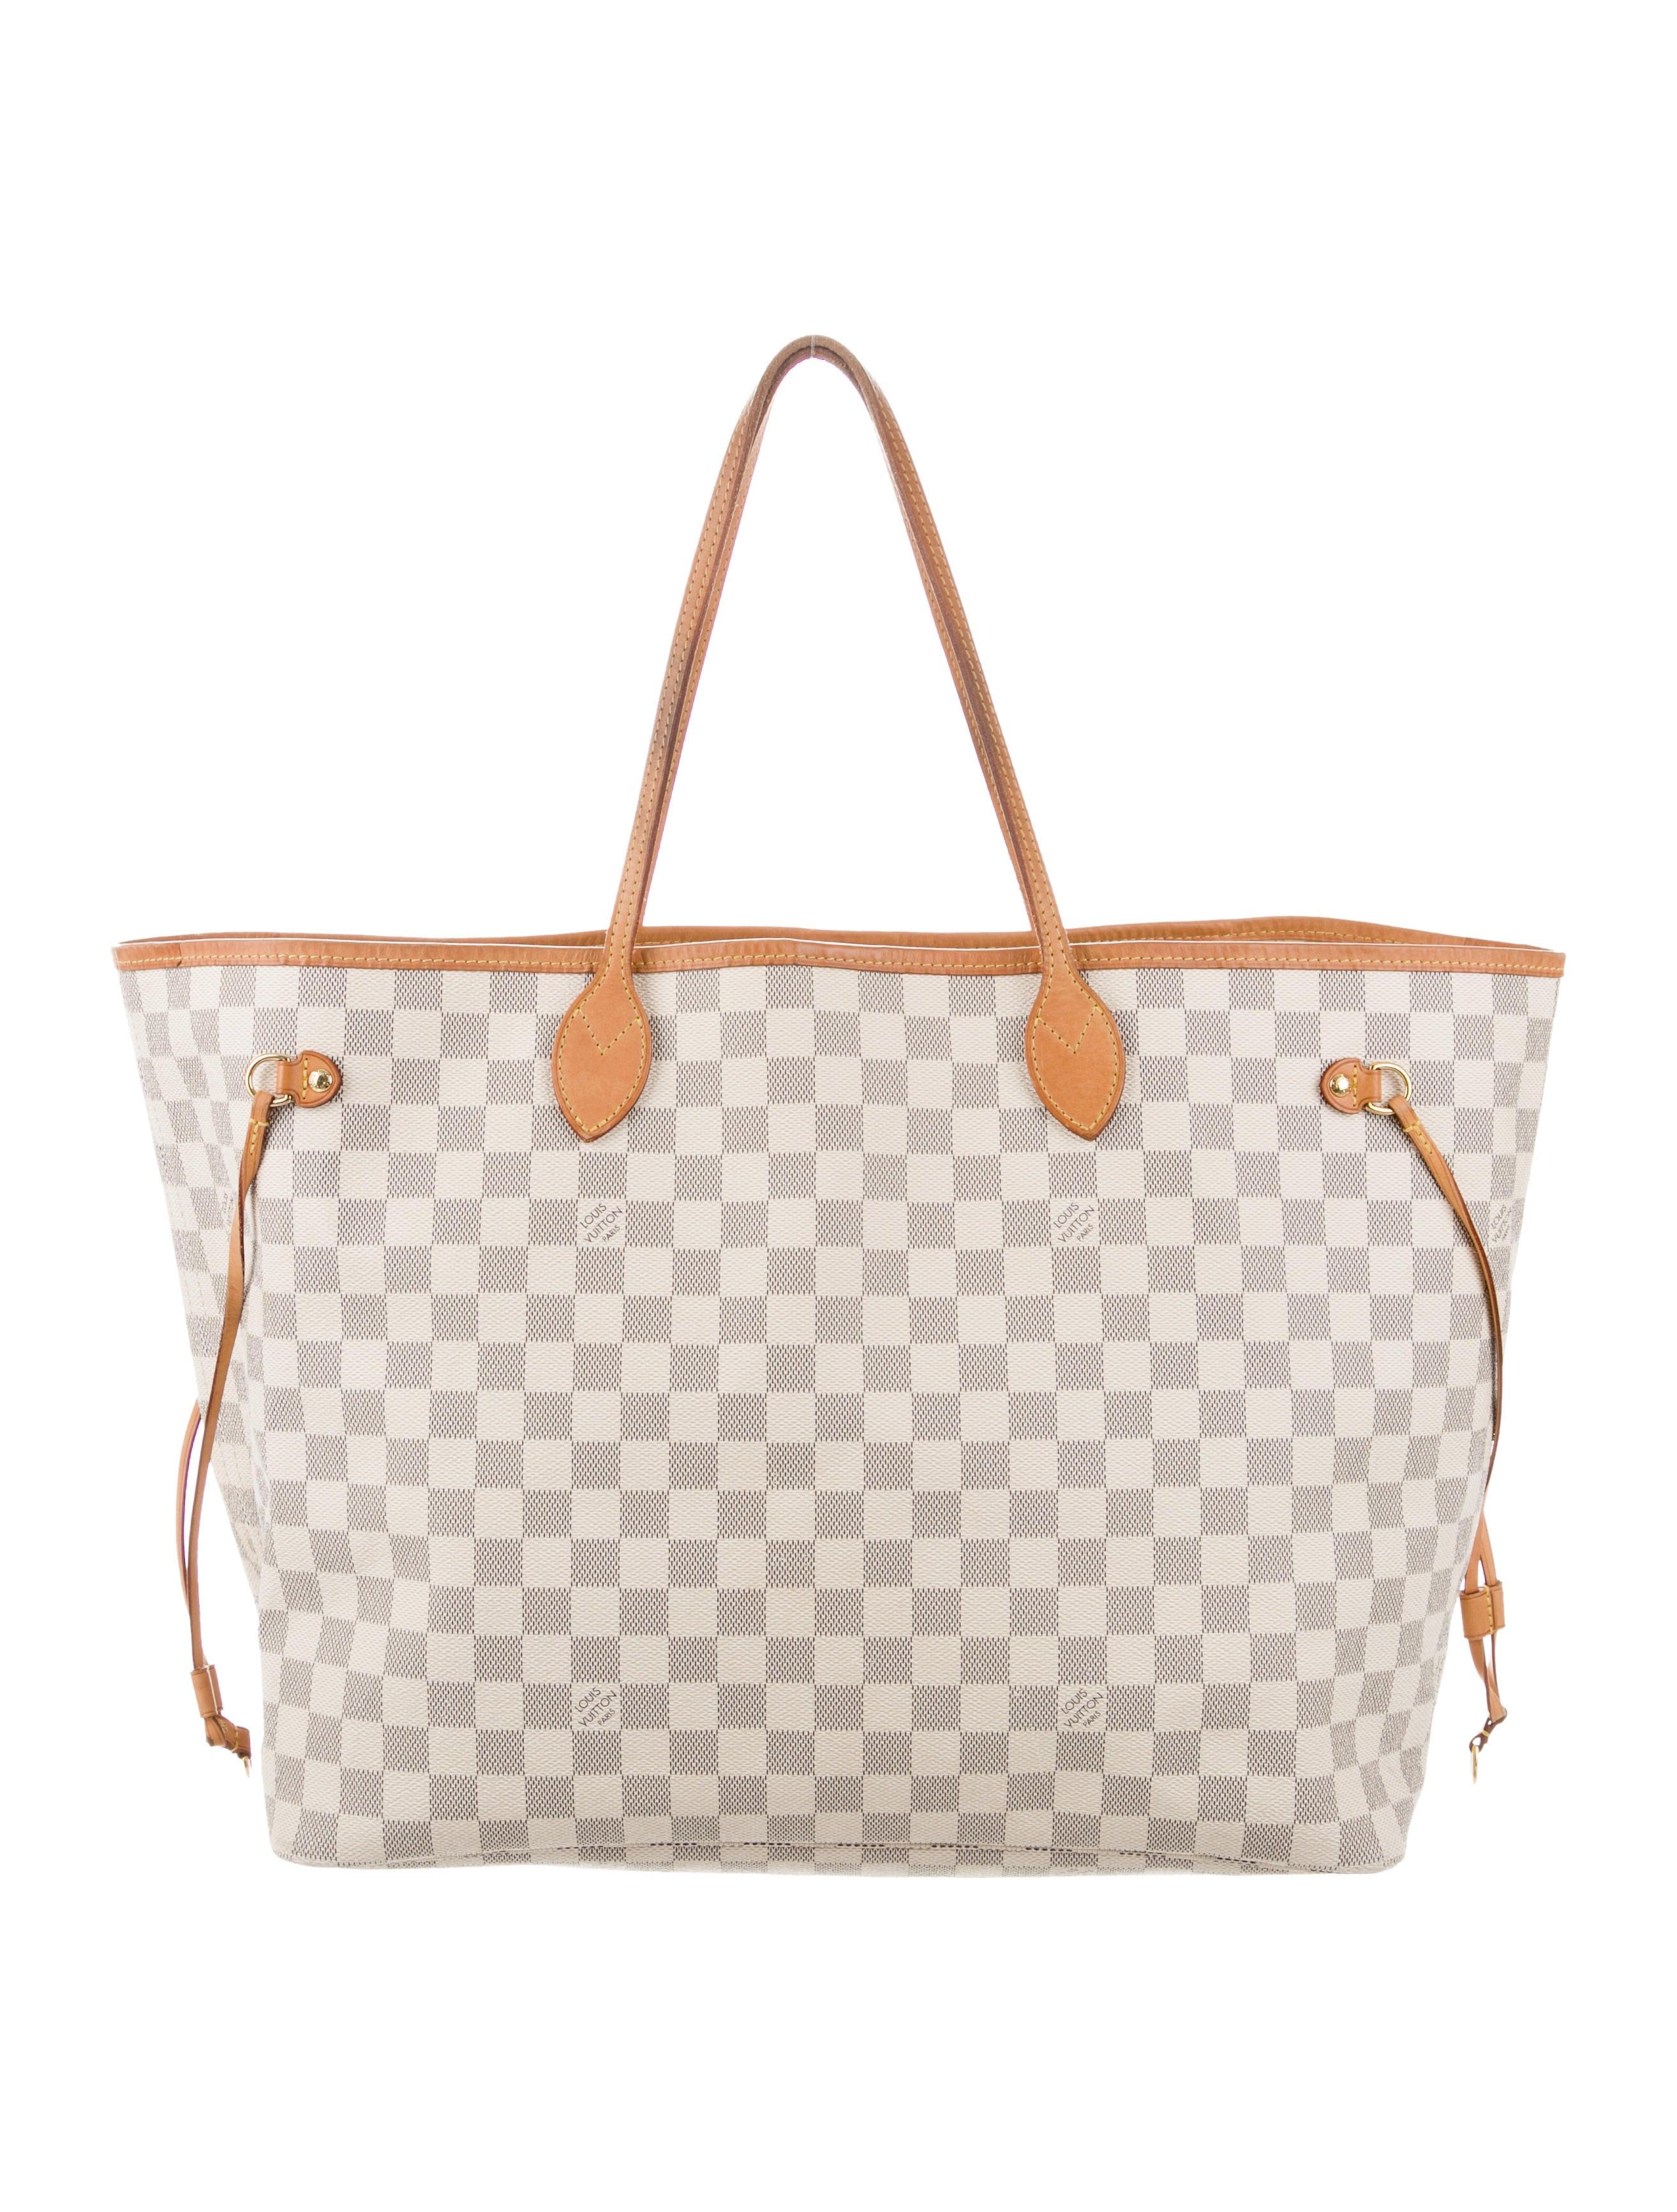 6d1a44a32557 Louis Vuitton Damier Azur Neverfull GM - Handbags - LOU214659